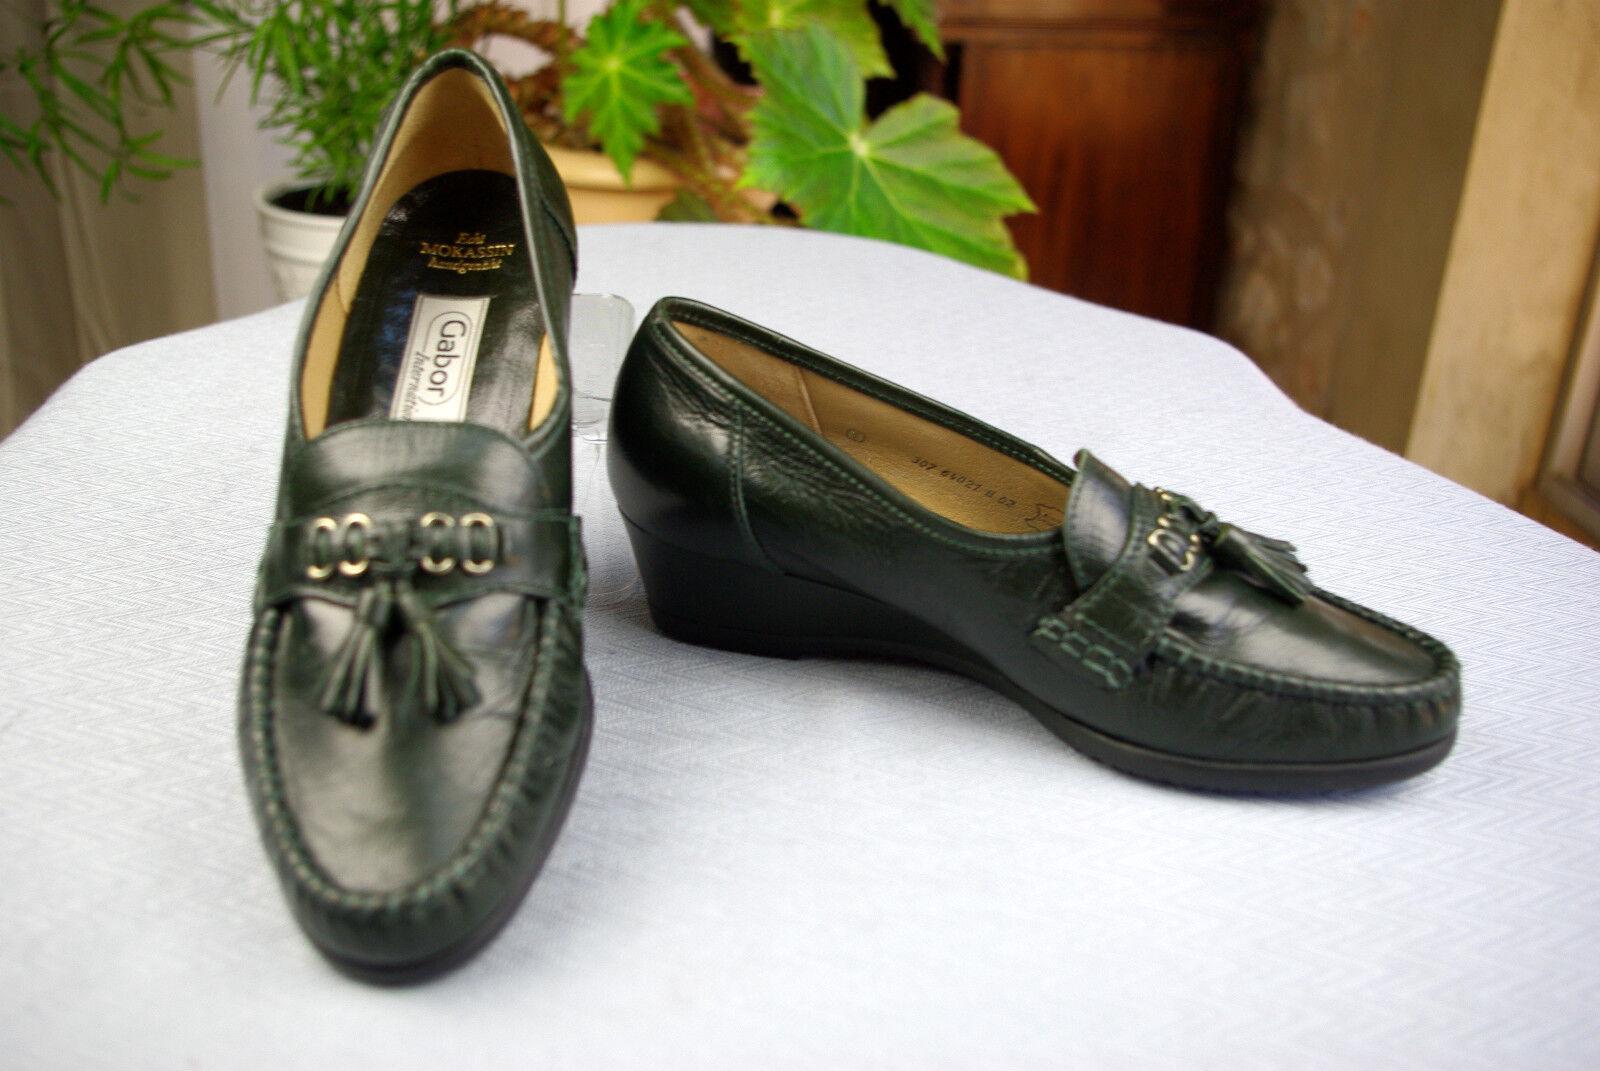 Mocasines tacón tacón tacón bajo GABOR Cuero verde oscuro T 4   36,5 Nuevo  marcas de moda